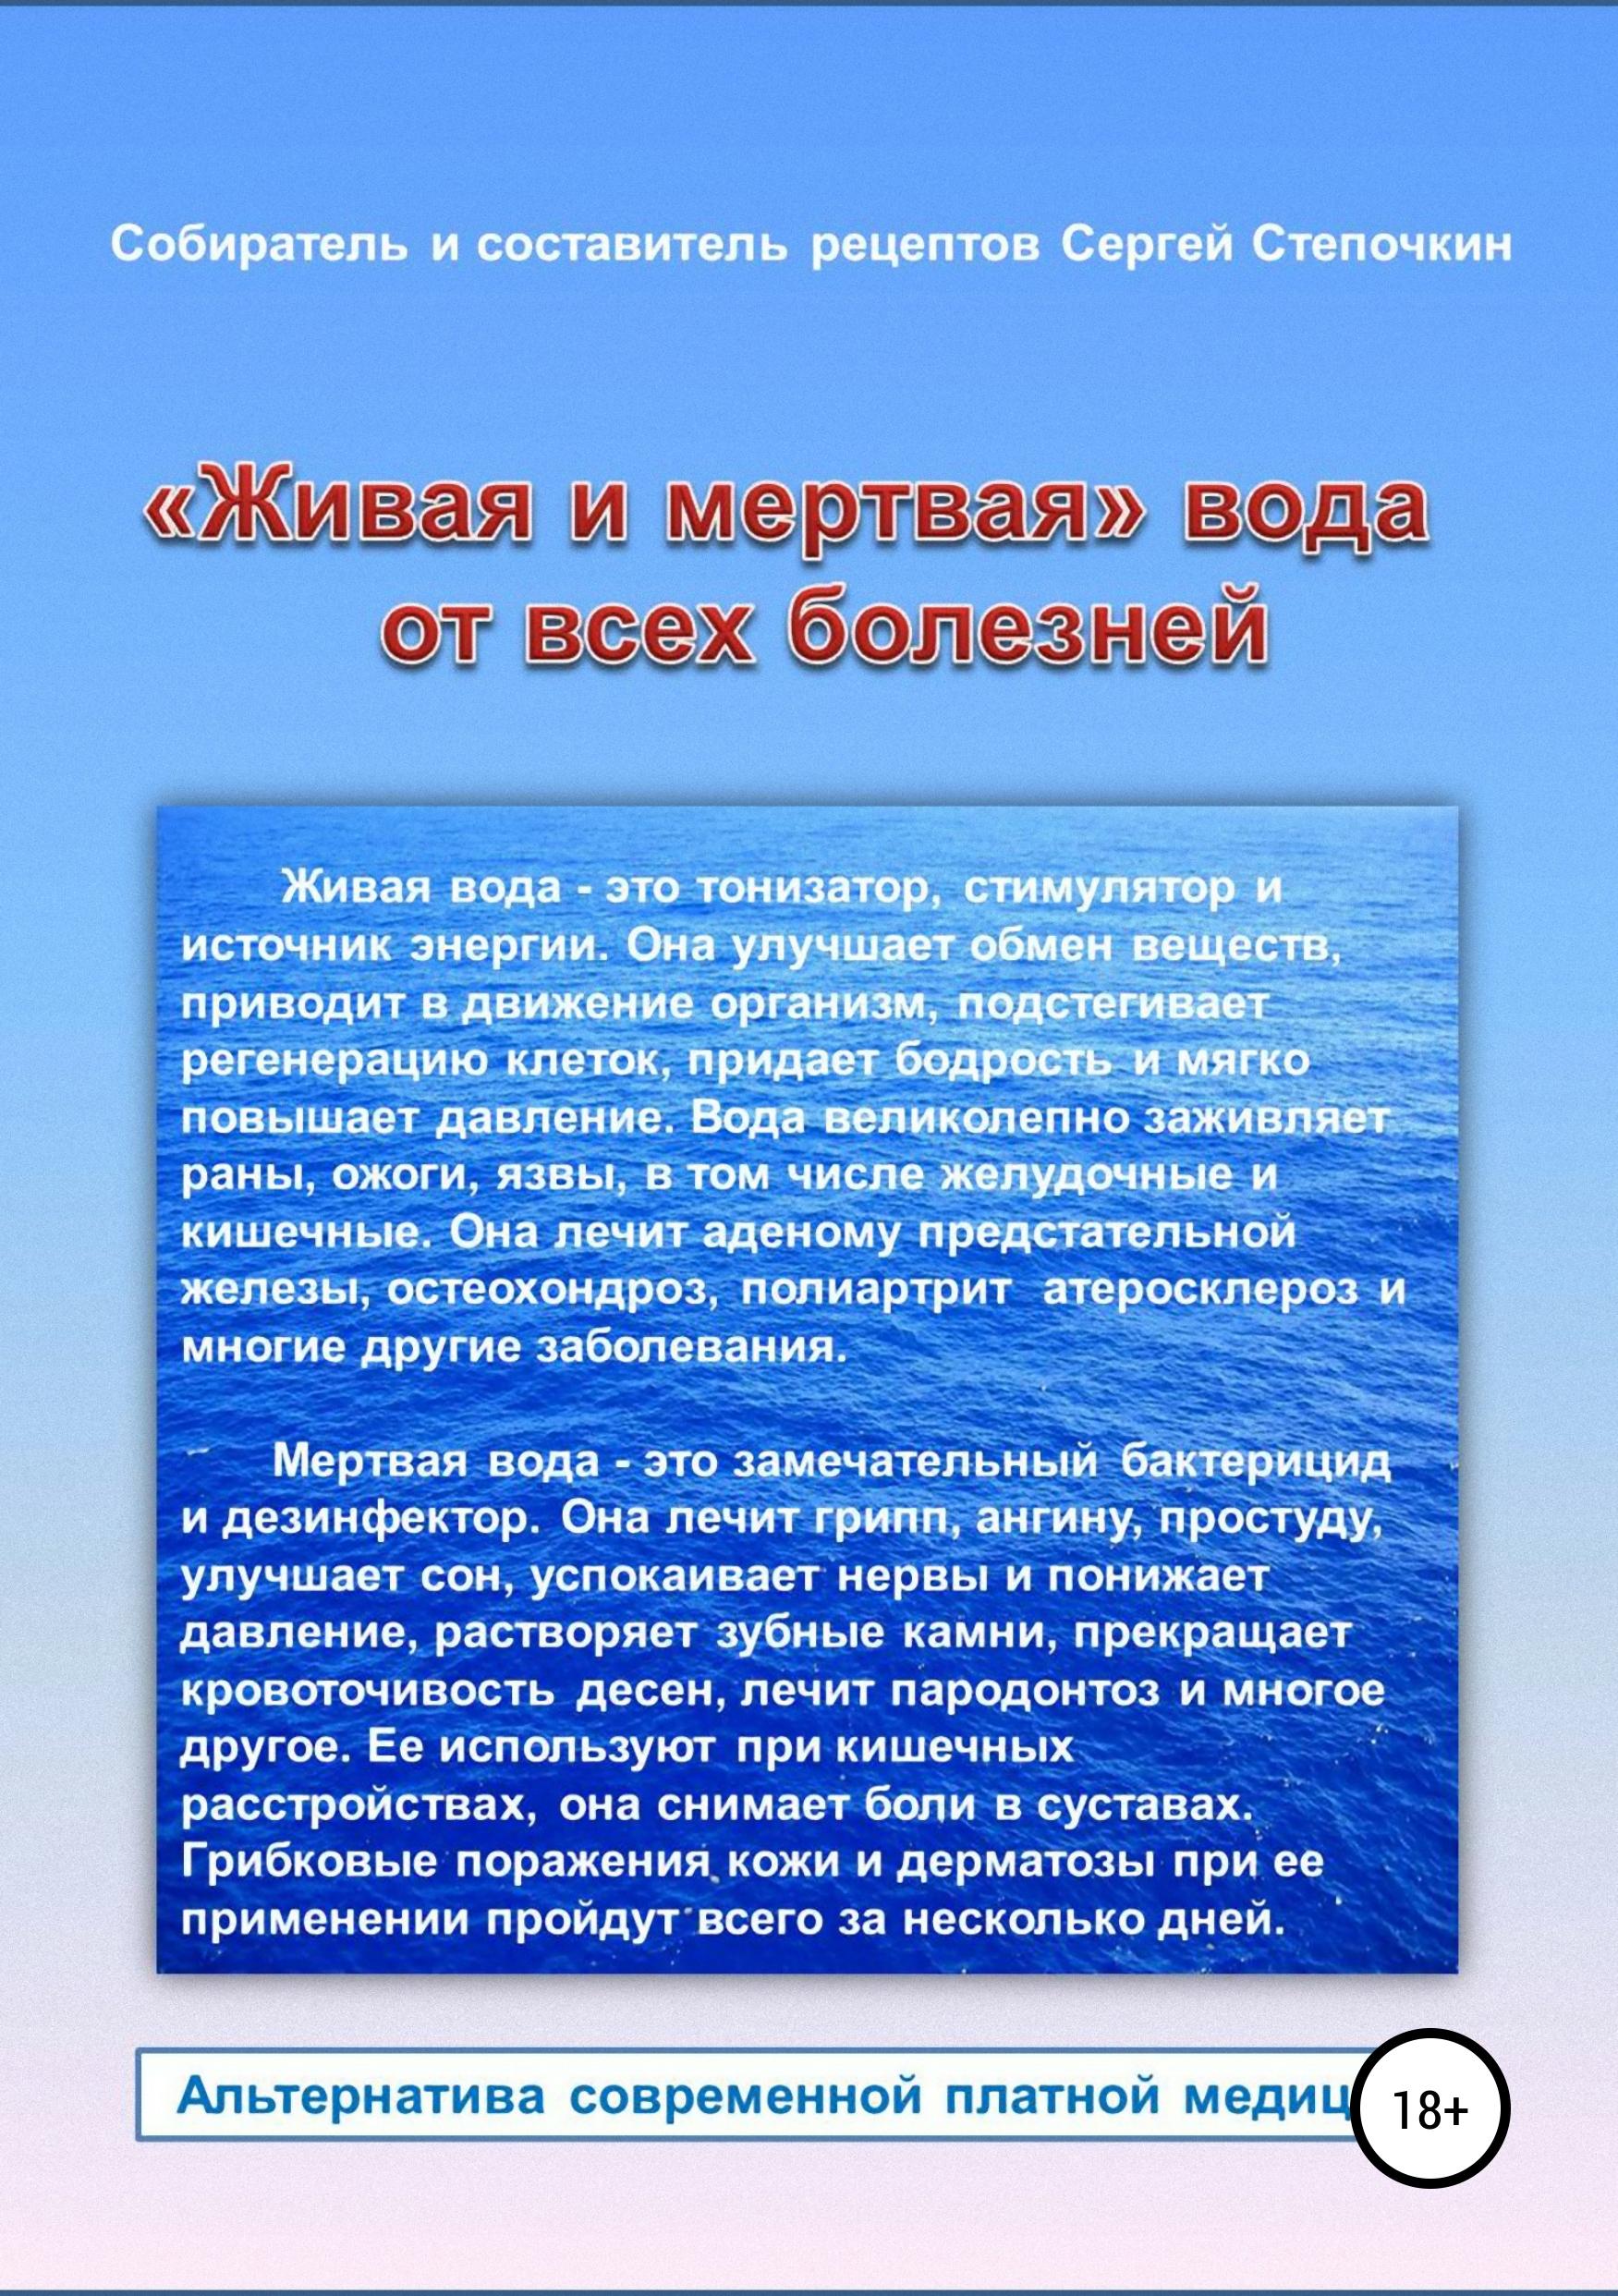 zhivaya i mertvaya voda ot vsekh bolezney